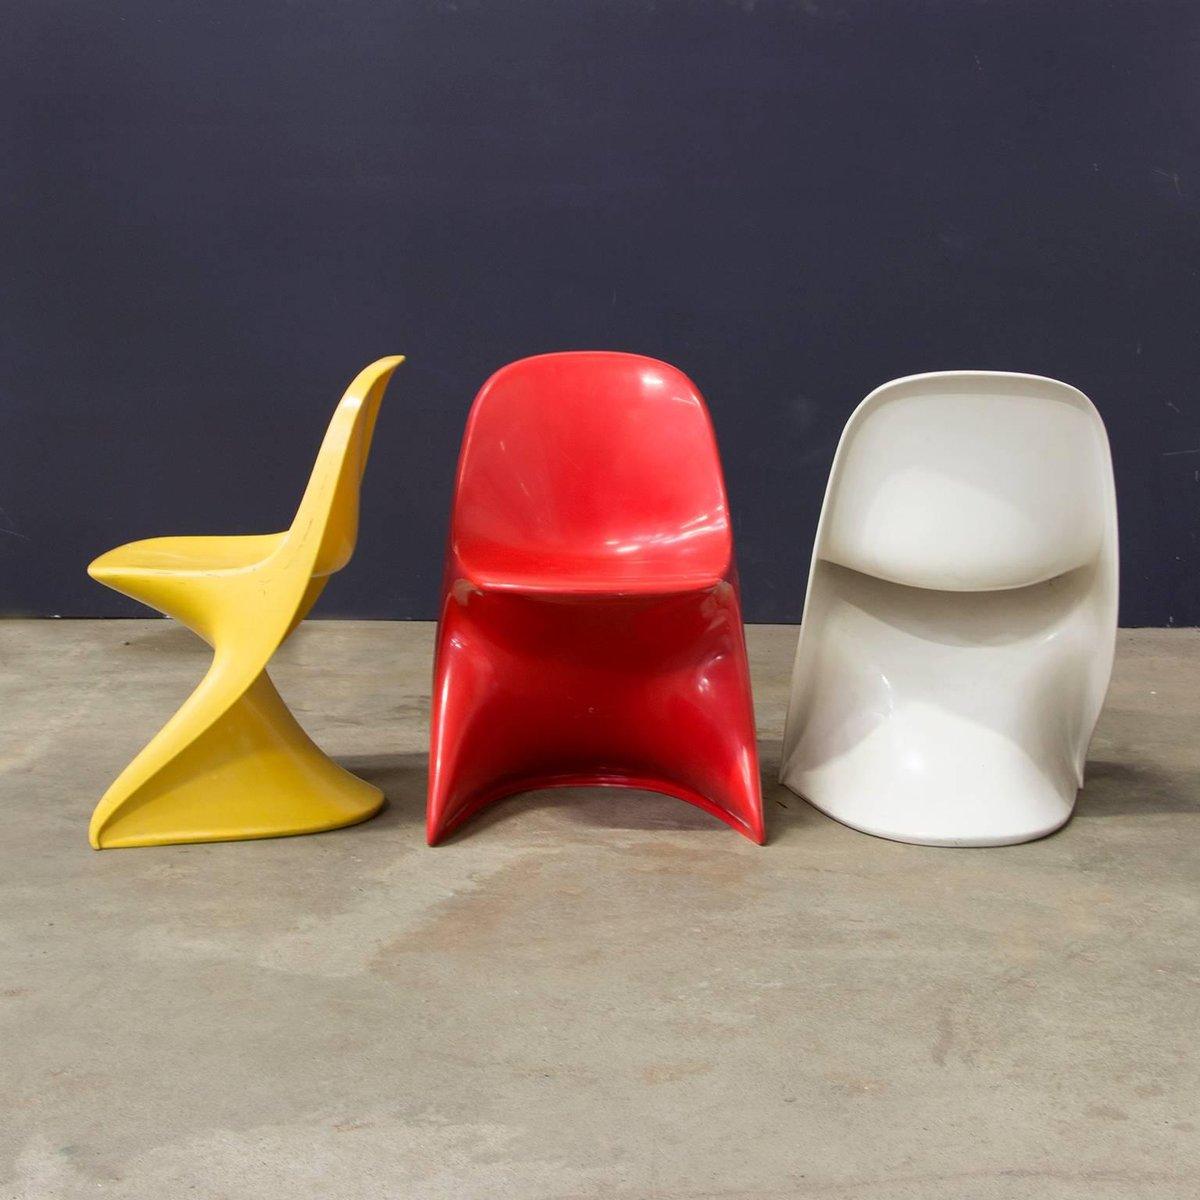 Space Age Set Of 2 Vintage Casalino No 1 /& Casalino No 0 Children/'s Chair By Alexander Begge Children/'s Furniture Minimalistic